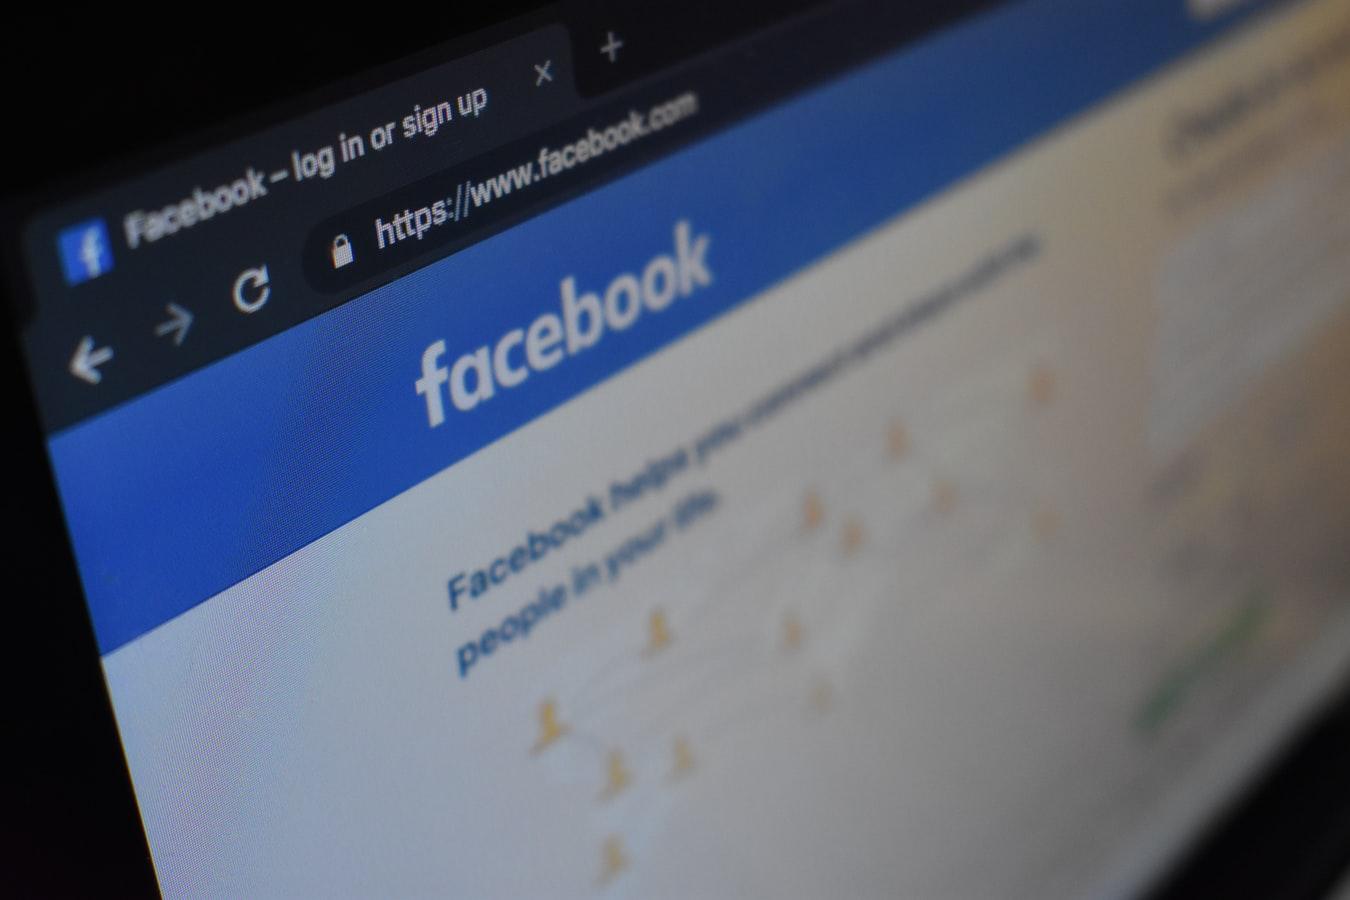 Περισσότερα από 267 εκατομμύρια προφίλ χρηστών του Facebook πωλούνται στο dark web